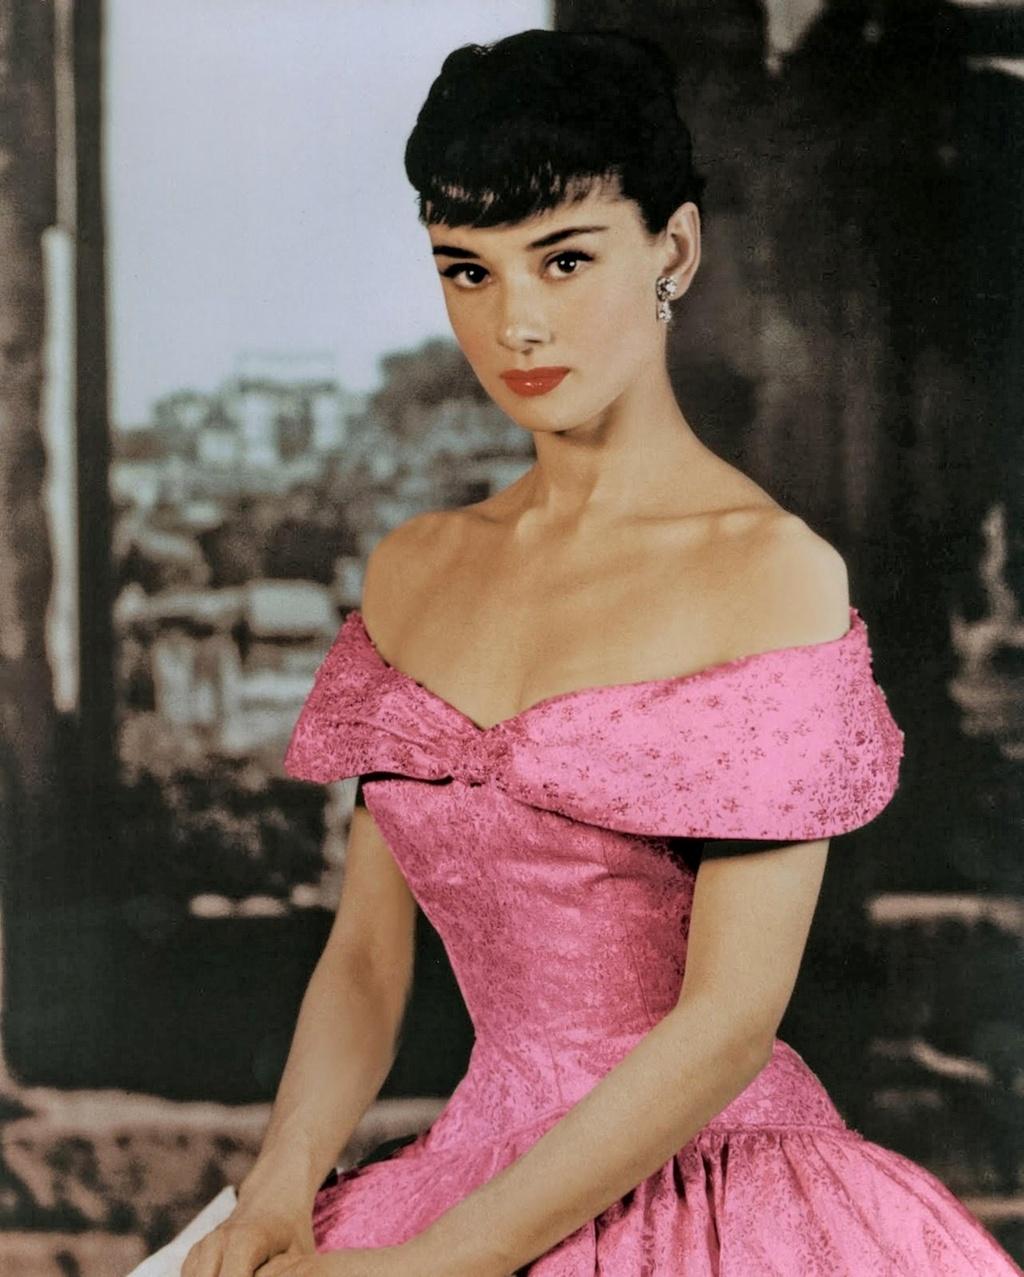 bieu tuong nhan sac Audrey Hepburn anh 8